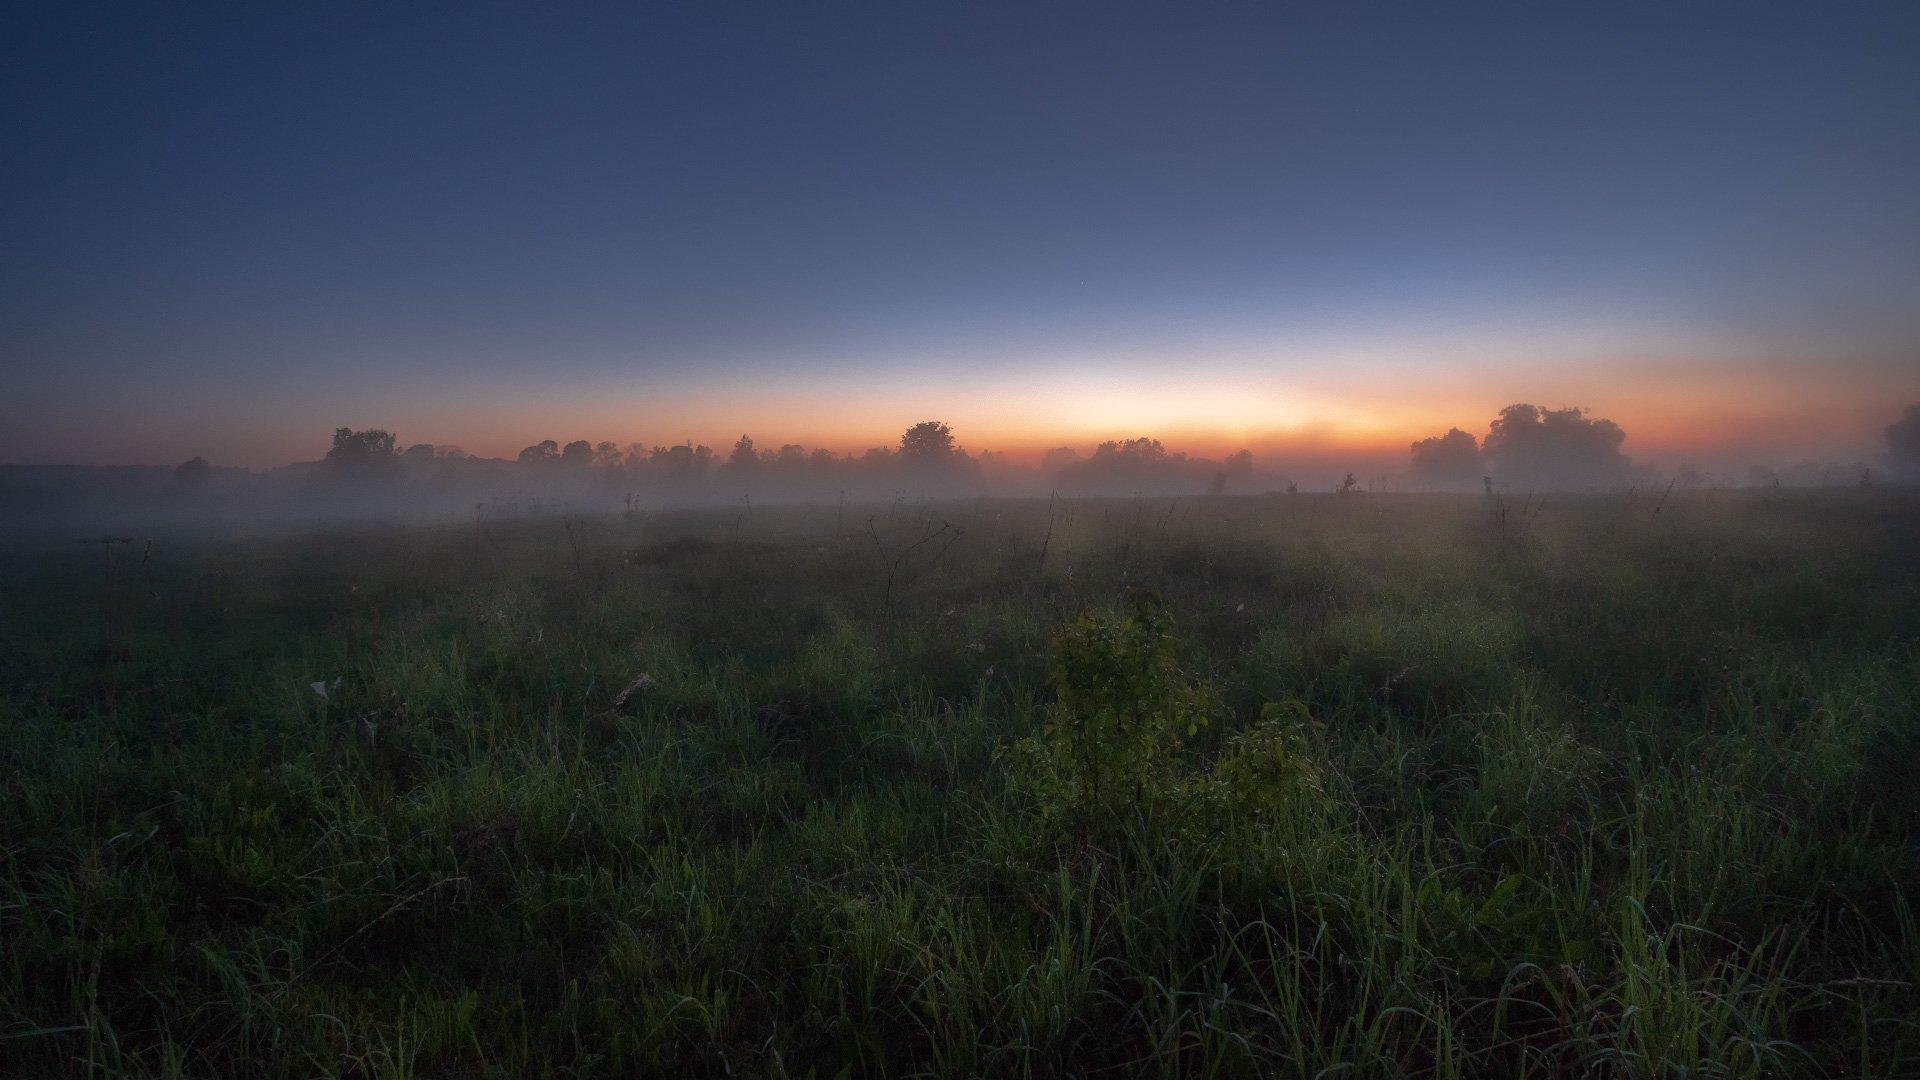 пейзаж, природа, поле, рассвет, ночь, туман, дубна, река, Андрей Чиж